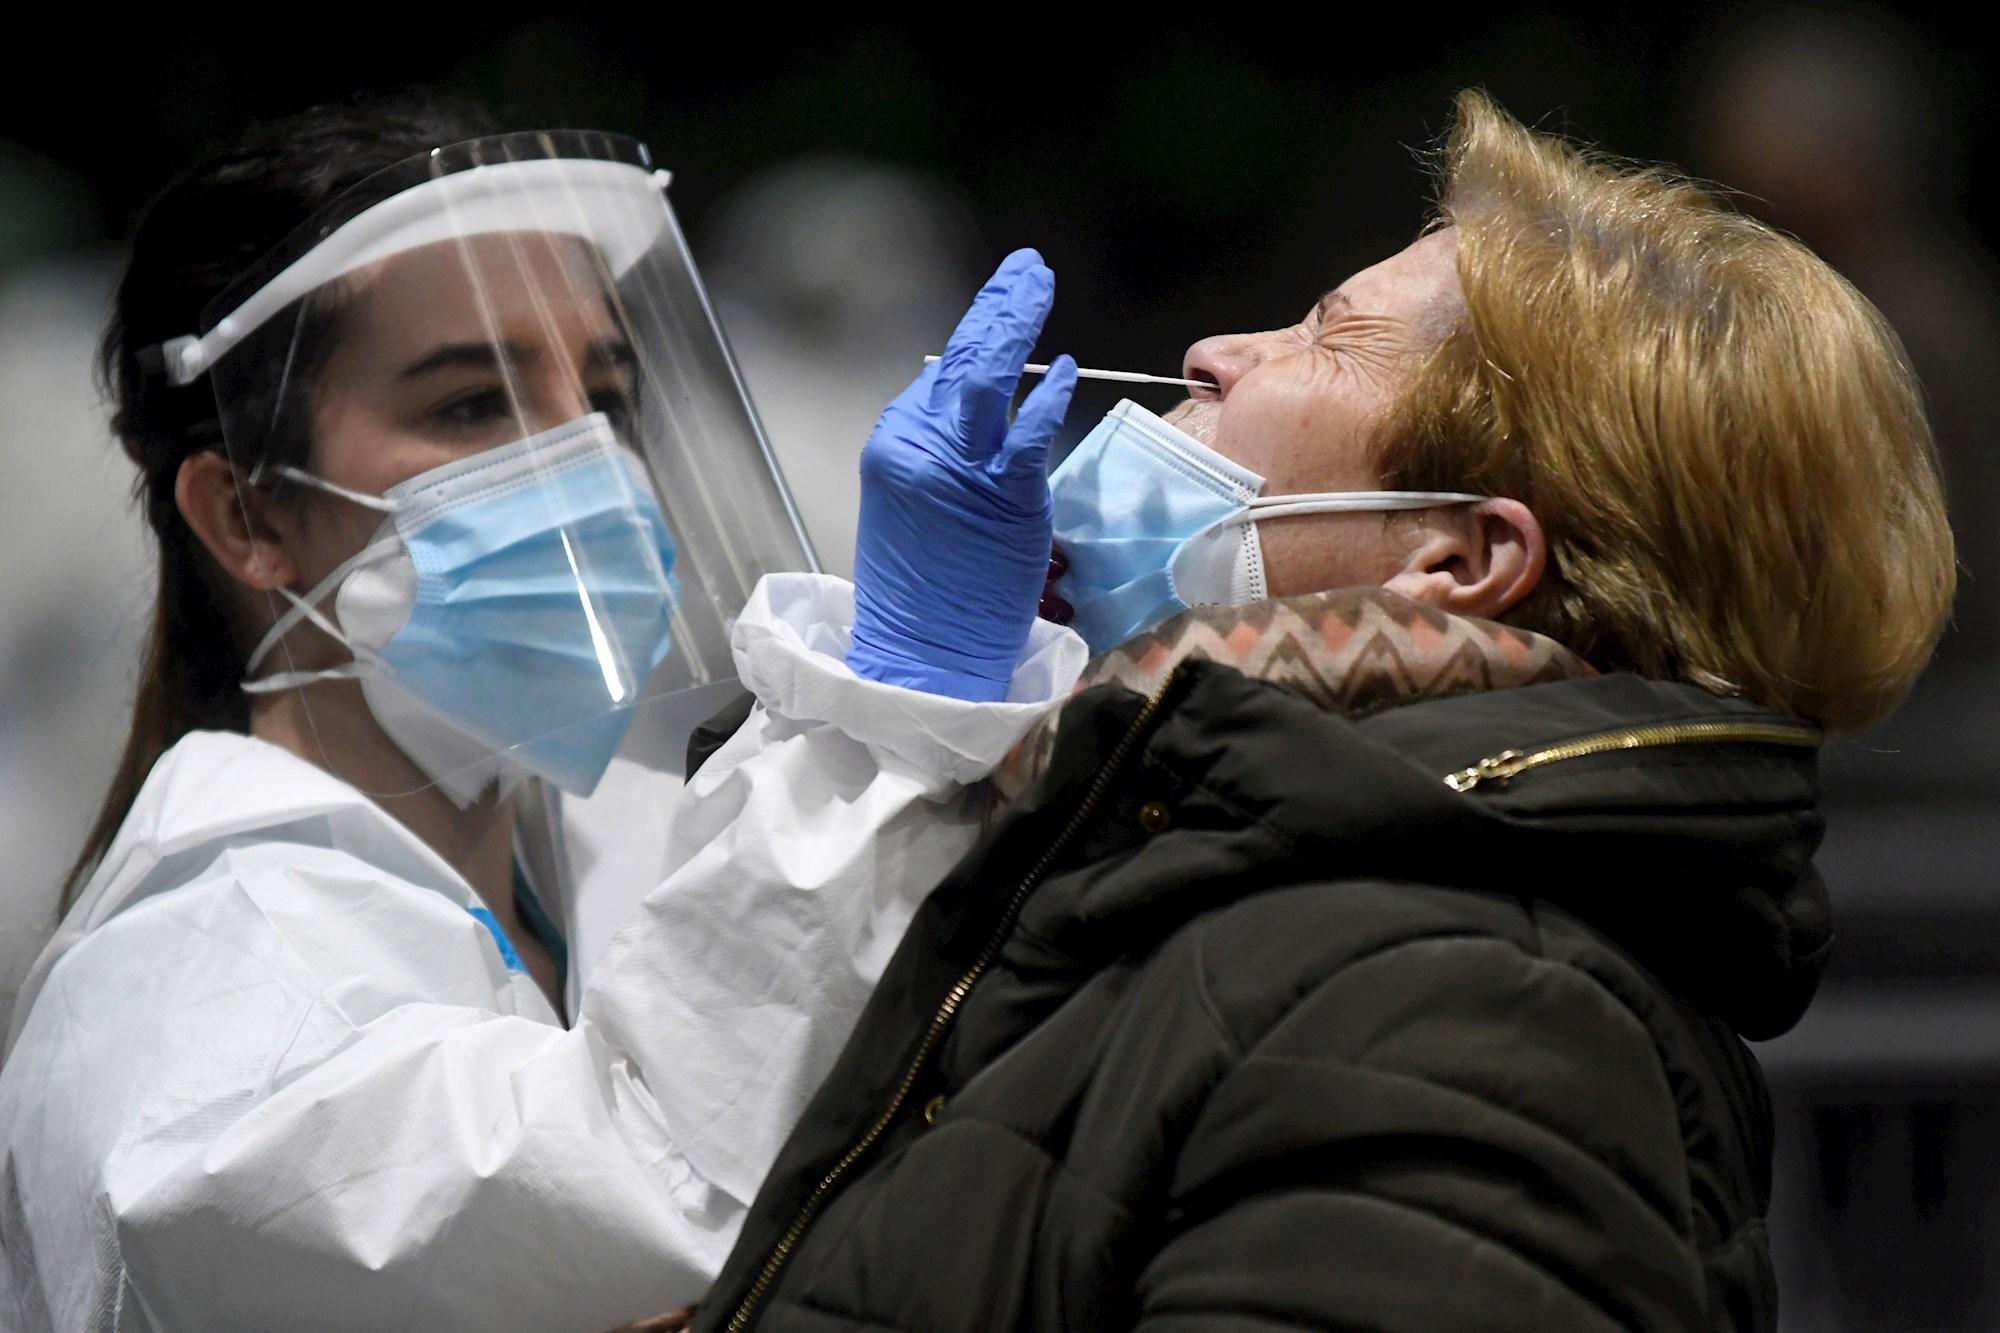 Una ciudadana se somete a un test de antígenos. EFE/Pablo Martín/Archivo